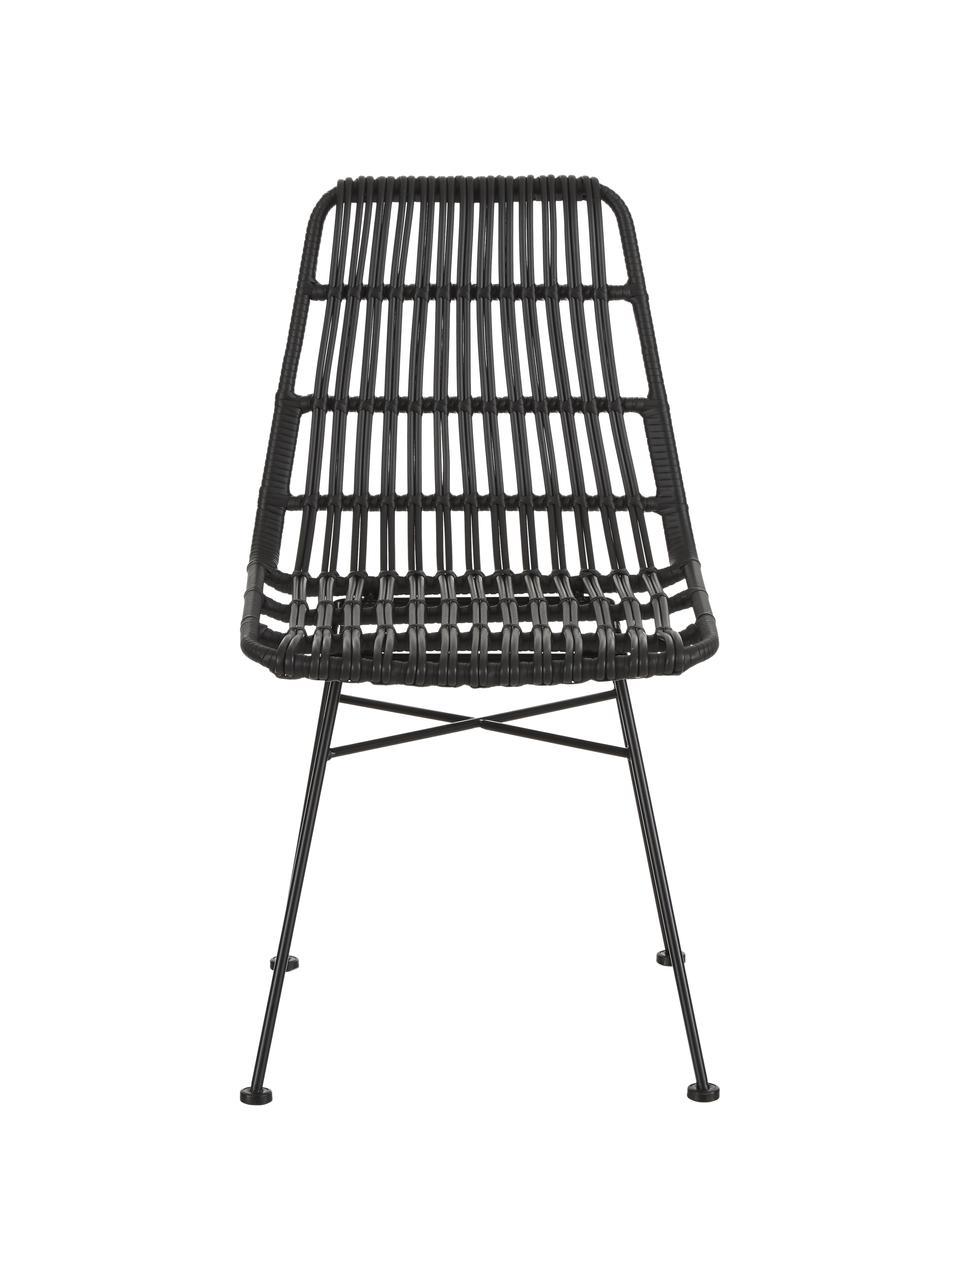 Polyrotan stoelen Costa, 2 stuks, Zitvlak: polyethyleen-vlechtwerk, Frame: gepoedercoat metaal, Zwart, zwart, B 47 x D 61 cm